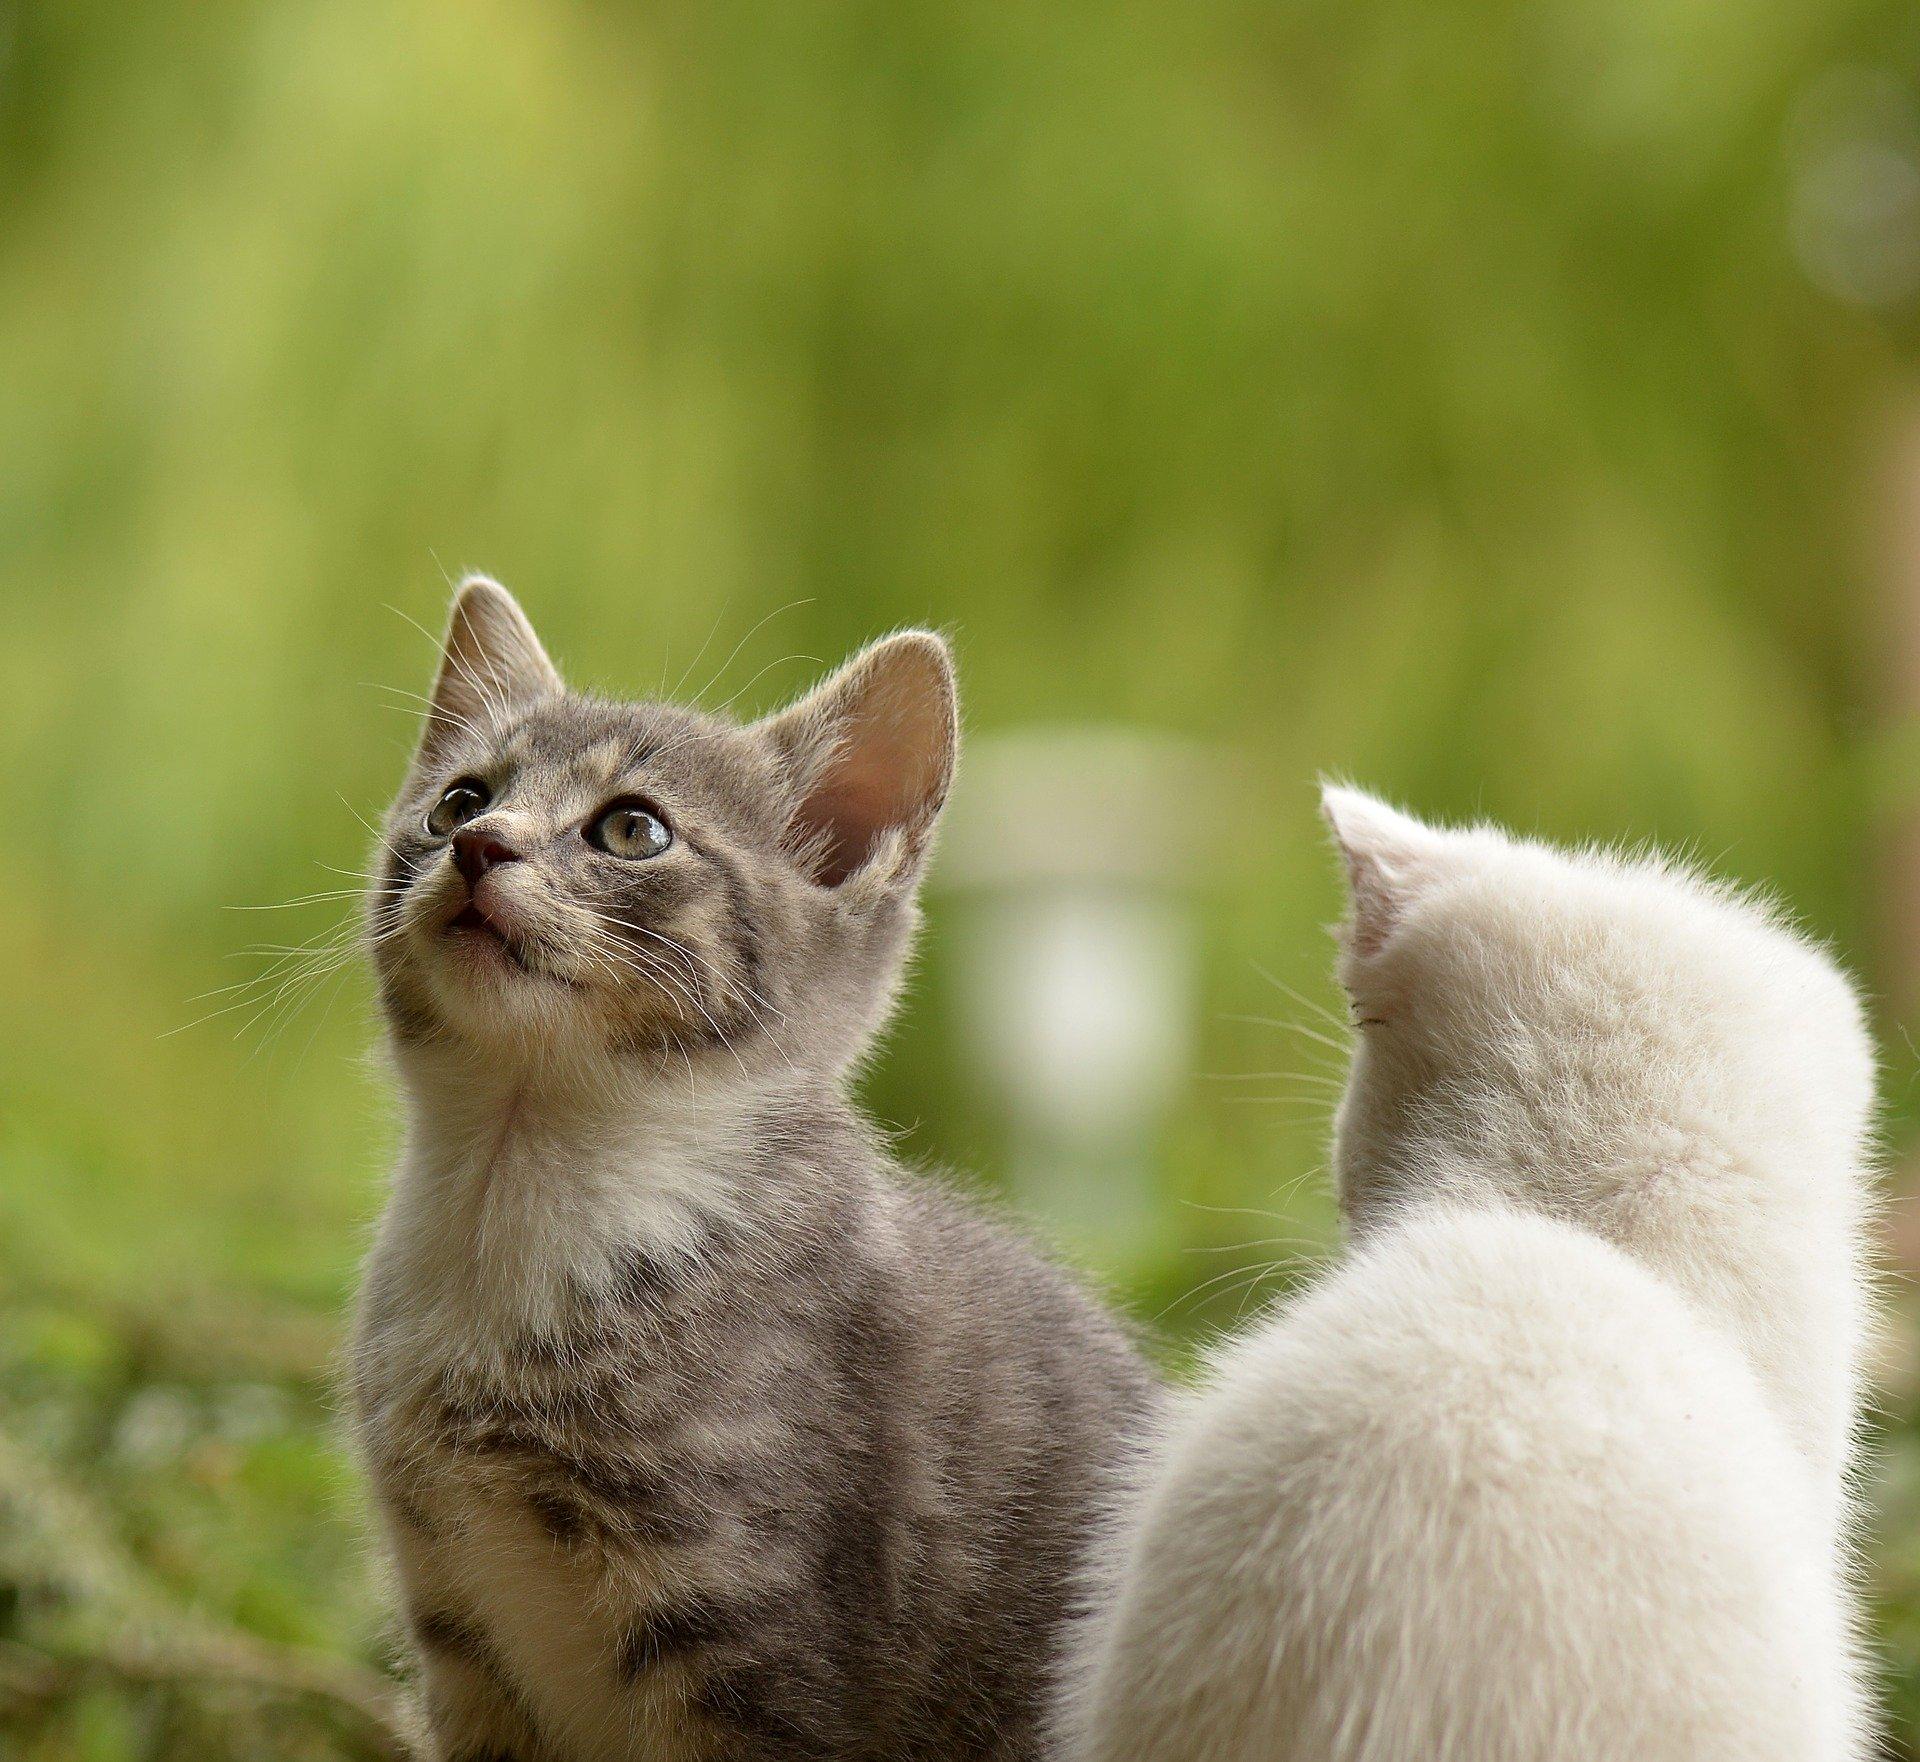 Elige nombres de gatos divertidos para tus felinos